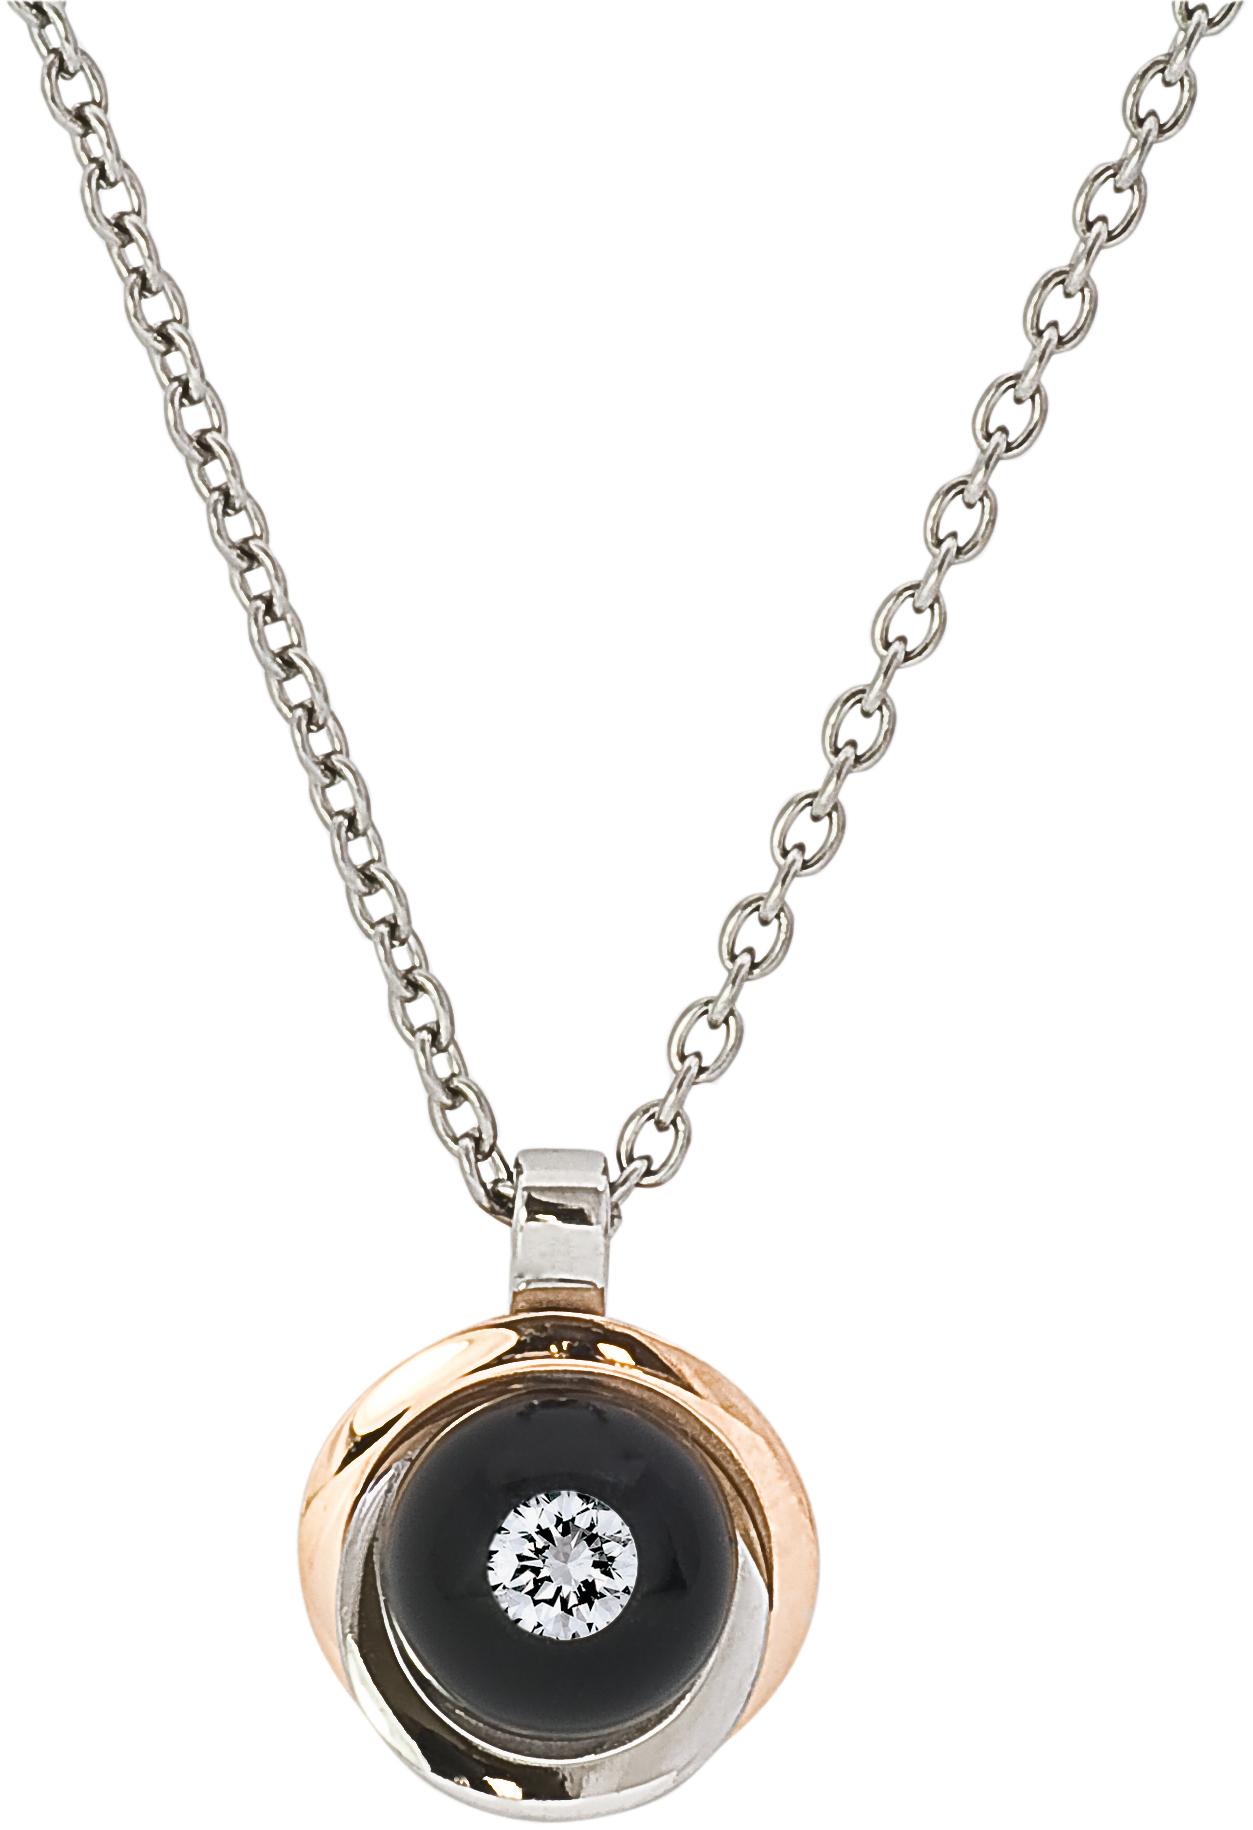 Pendentif bouton de fleur, diamant flottant dans 1 perle de verre, en or rose et acier